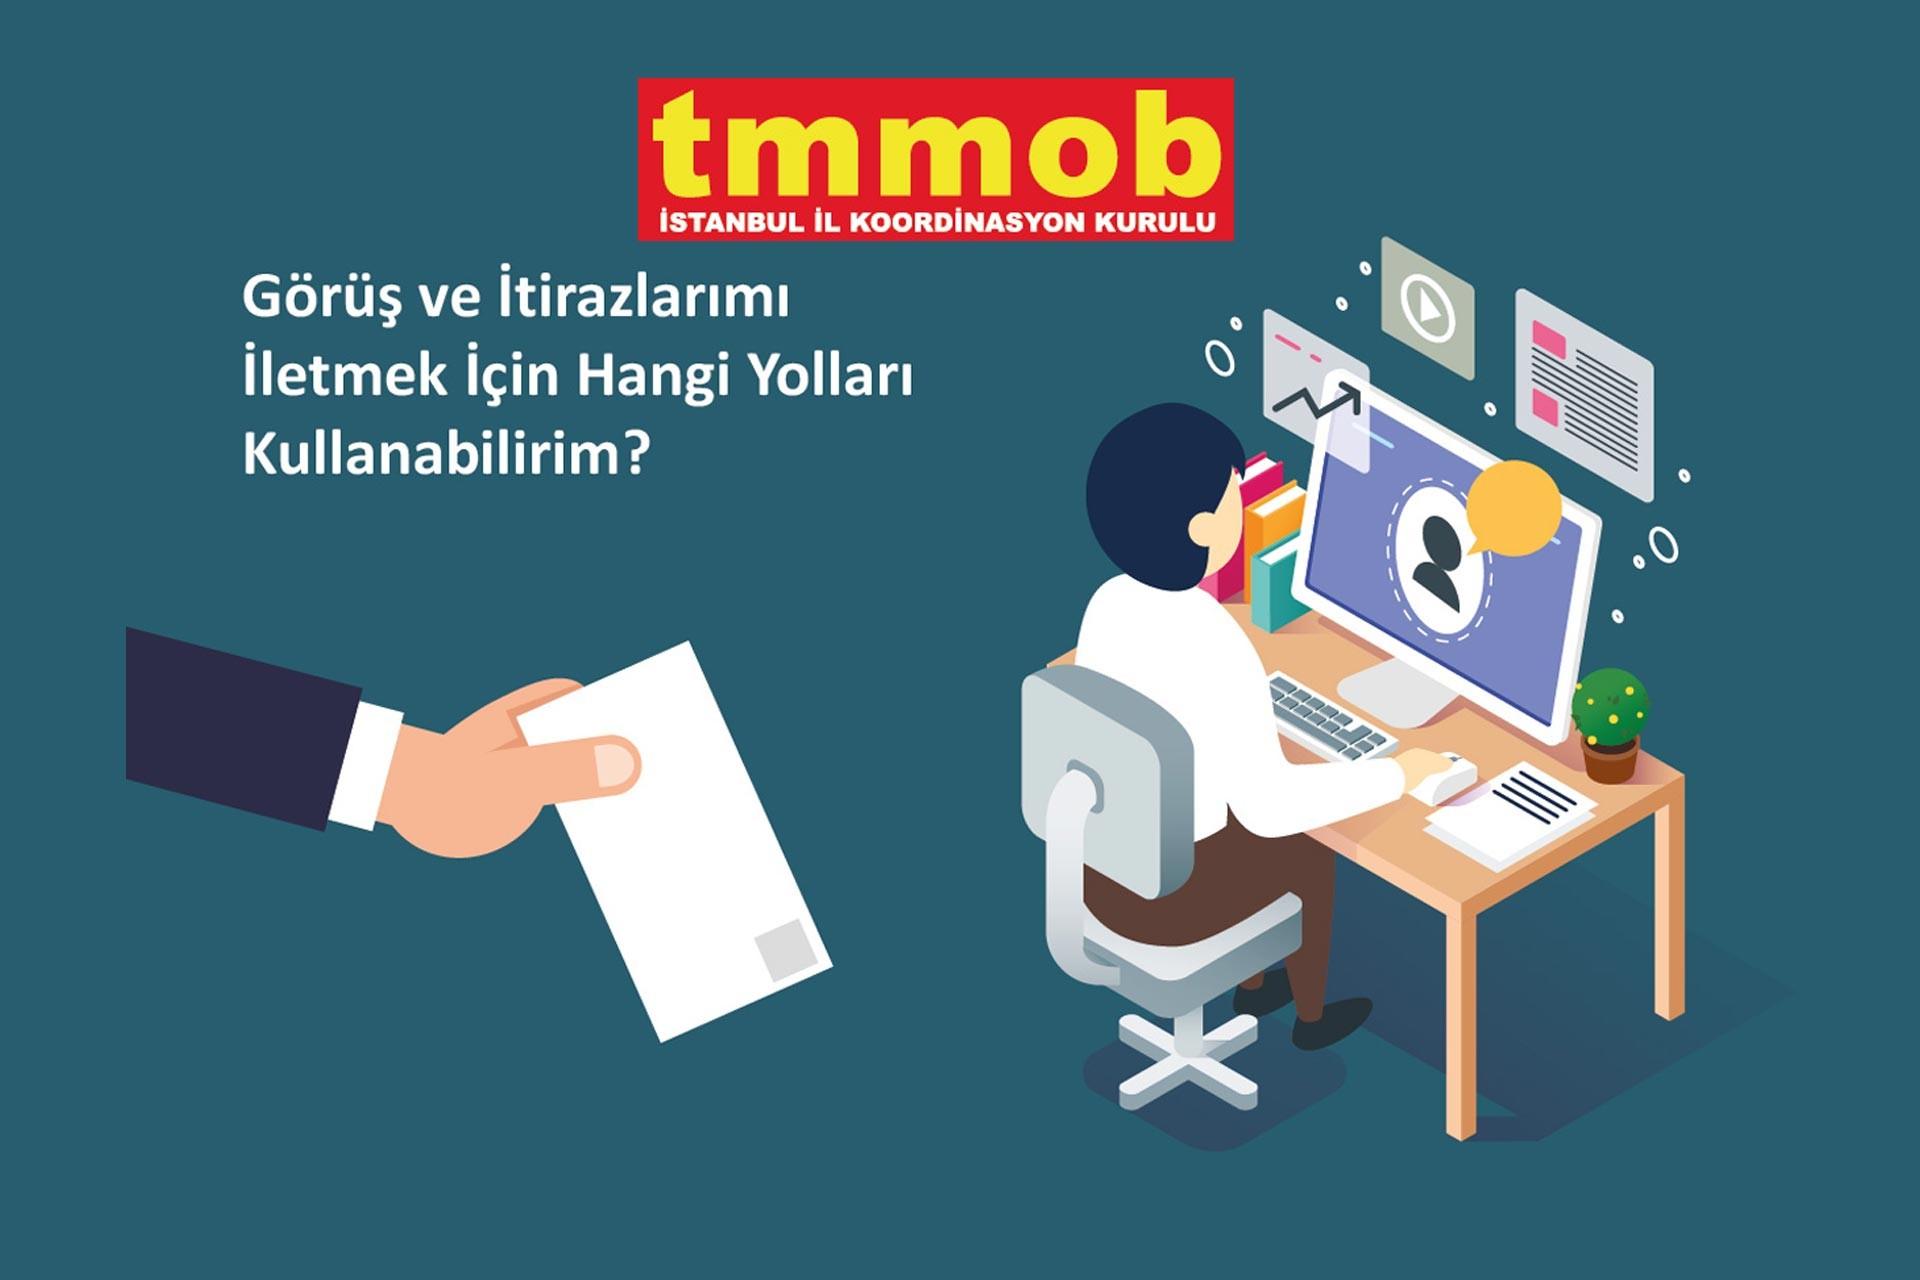 TMMOB'un hazırladığı görsel